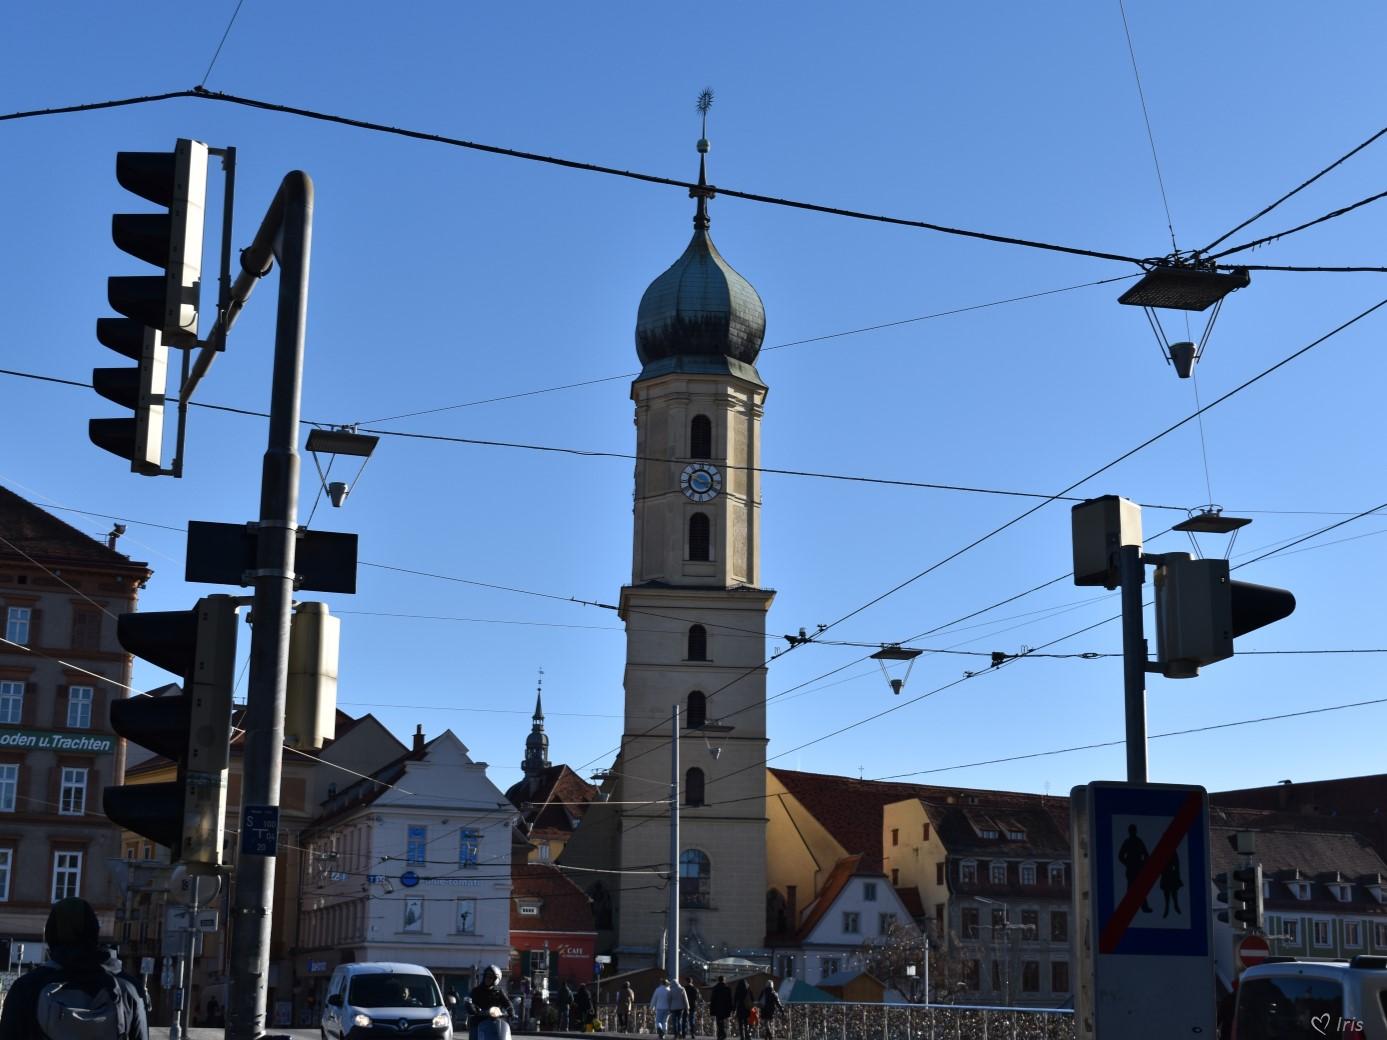 началось с города Грац